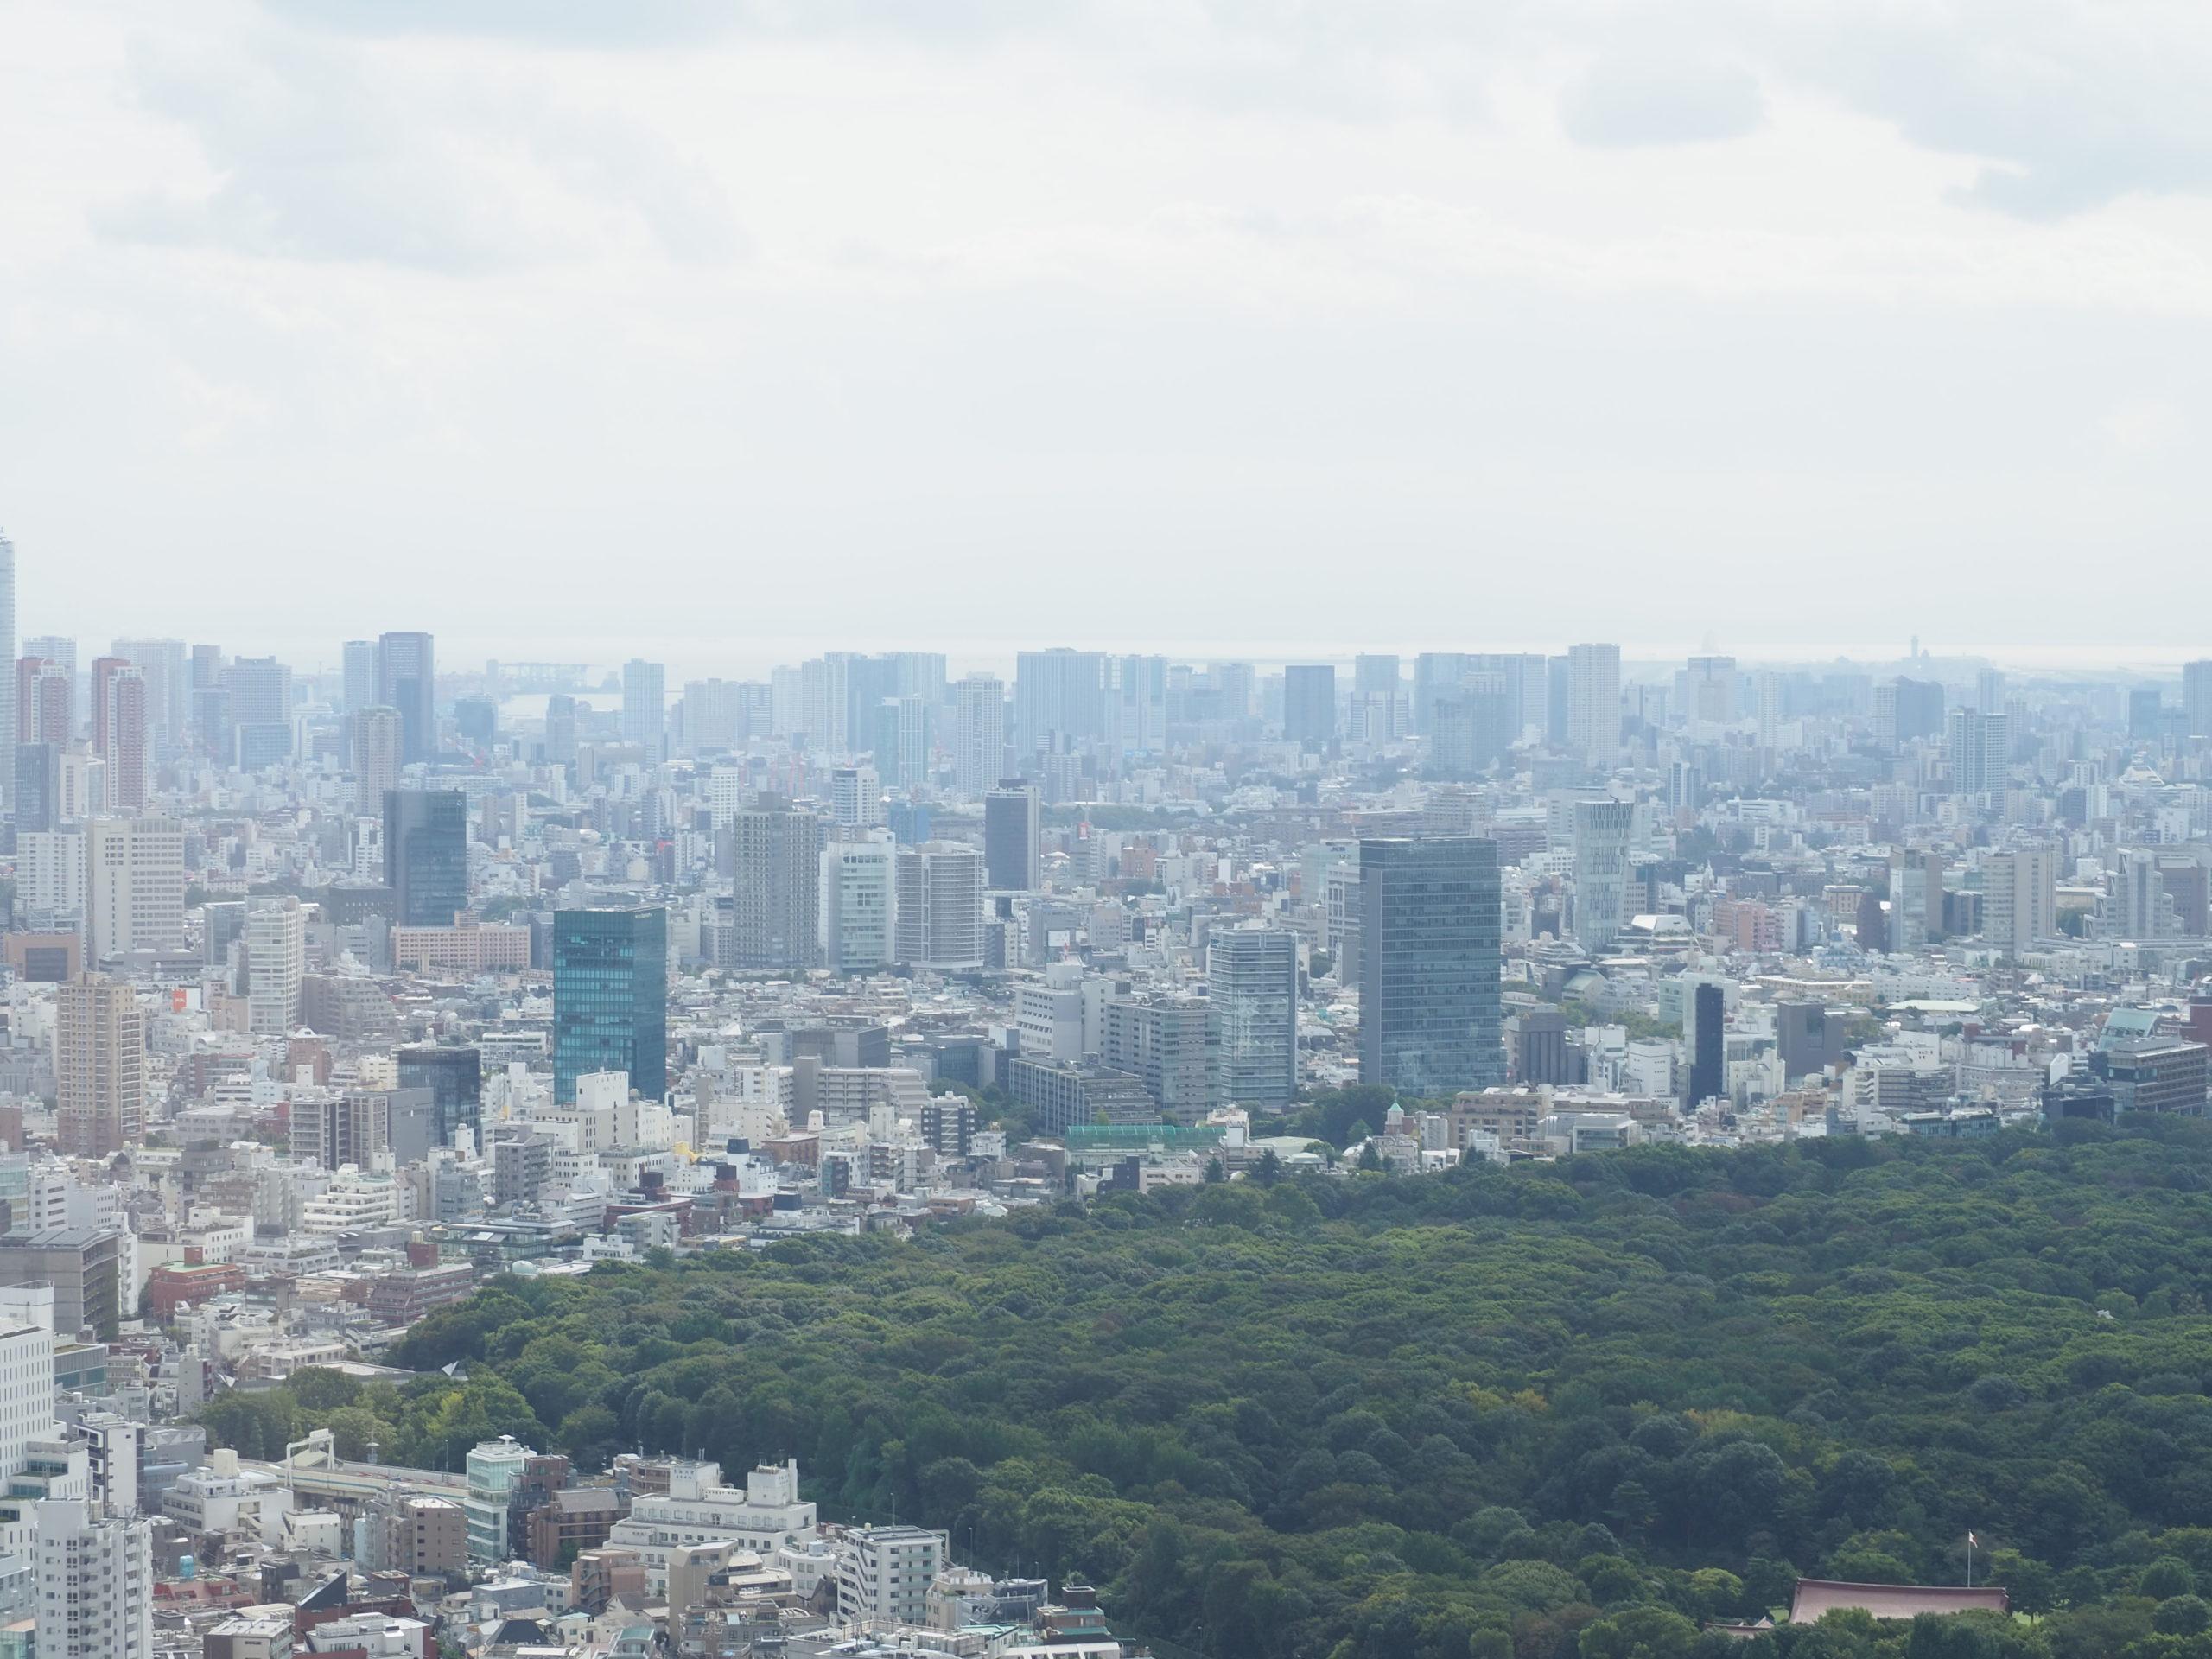 不動産経済アーカイブ;「あの時はこうだった」東日本大震災④特集 震災後のマーケット動向・オフィス